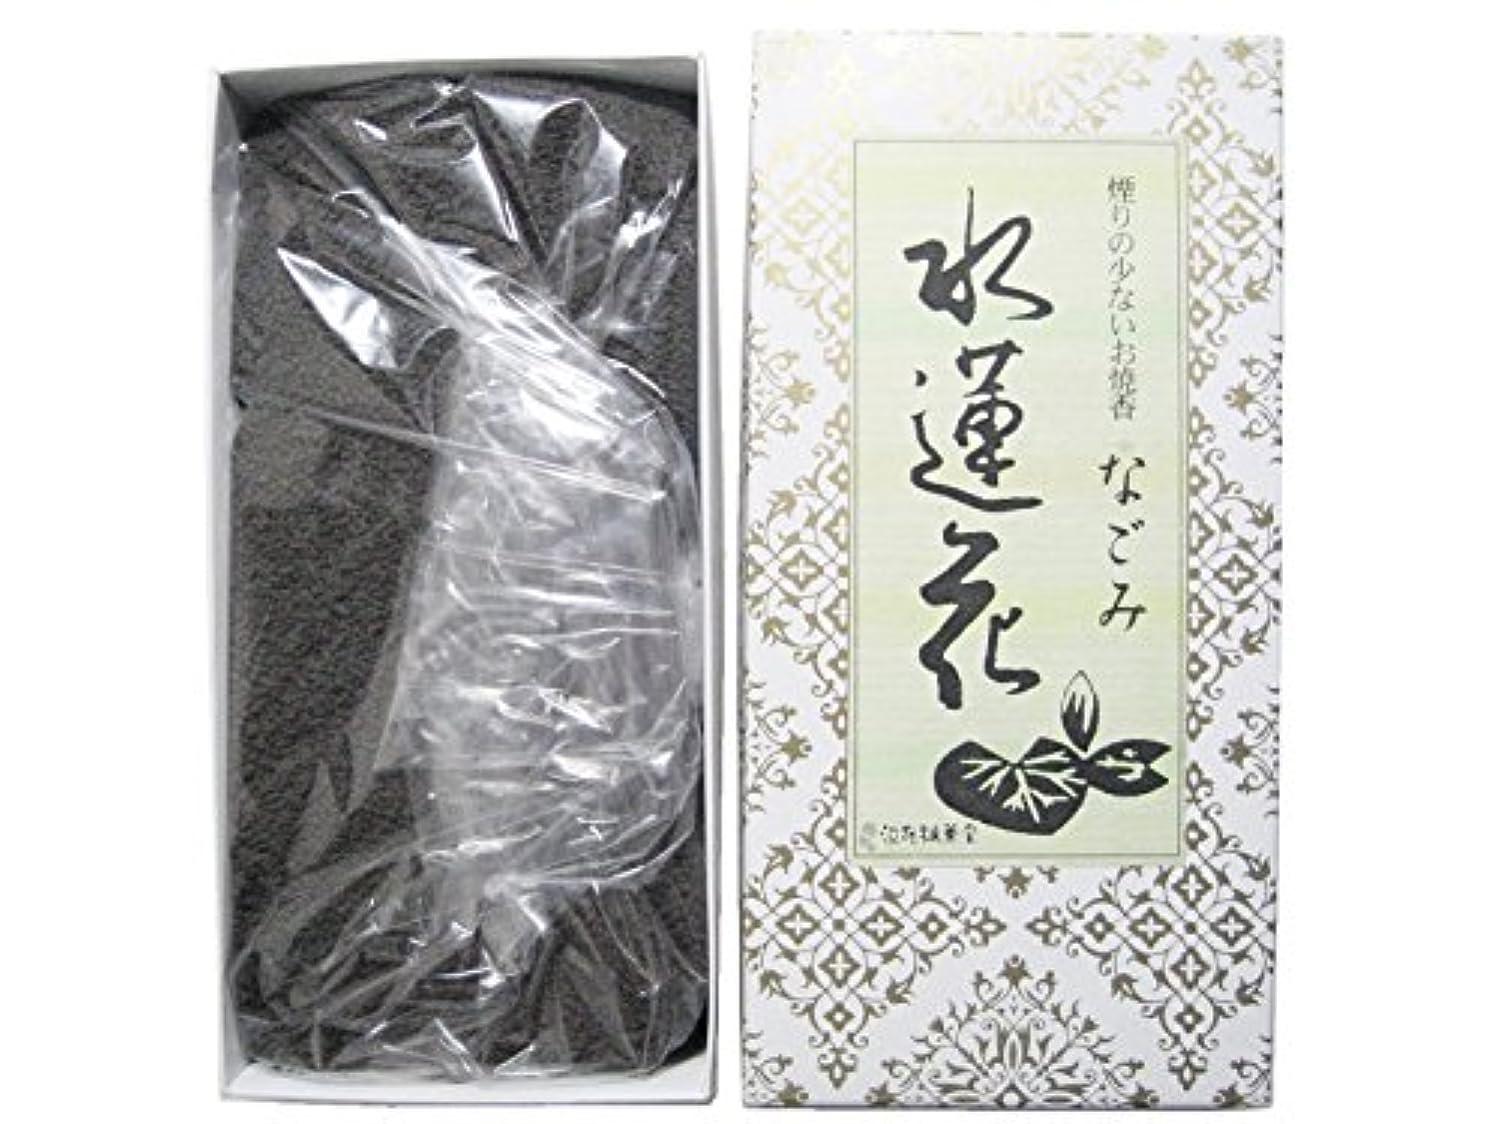 穴エントリ反論者淡路梅薫堂のお香 煙の少ないお焼香 なごみ 水蓮花 500g×15箱 #931